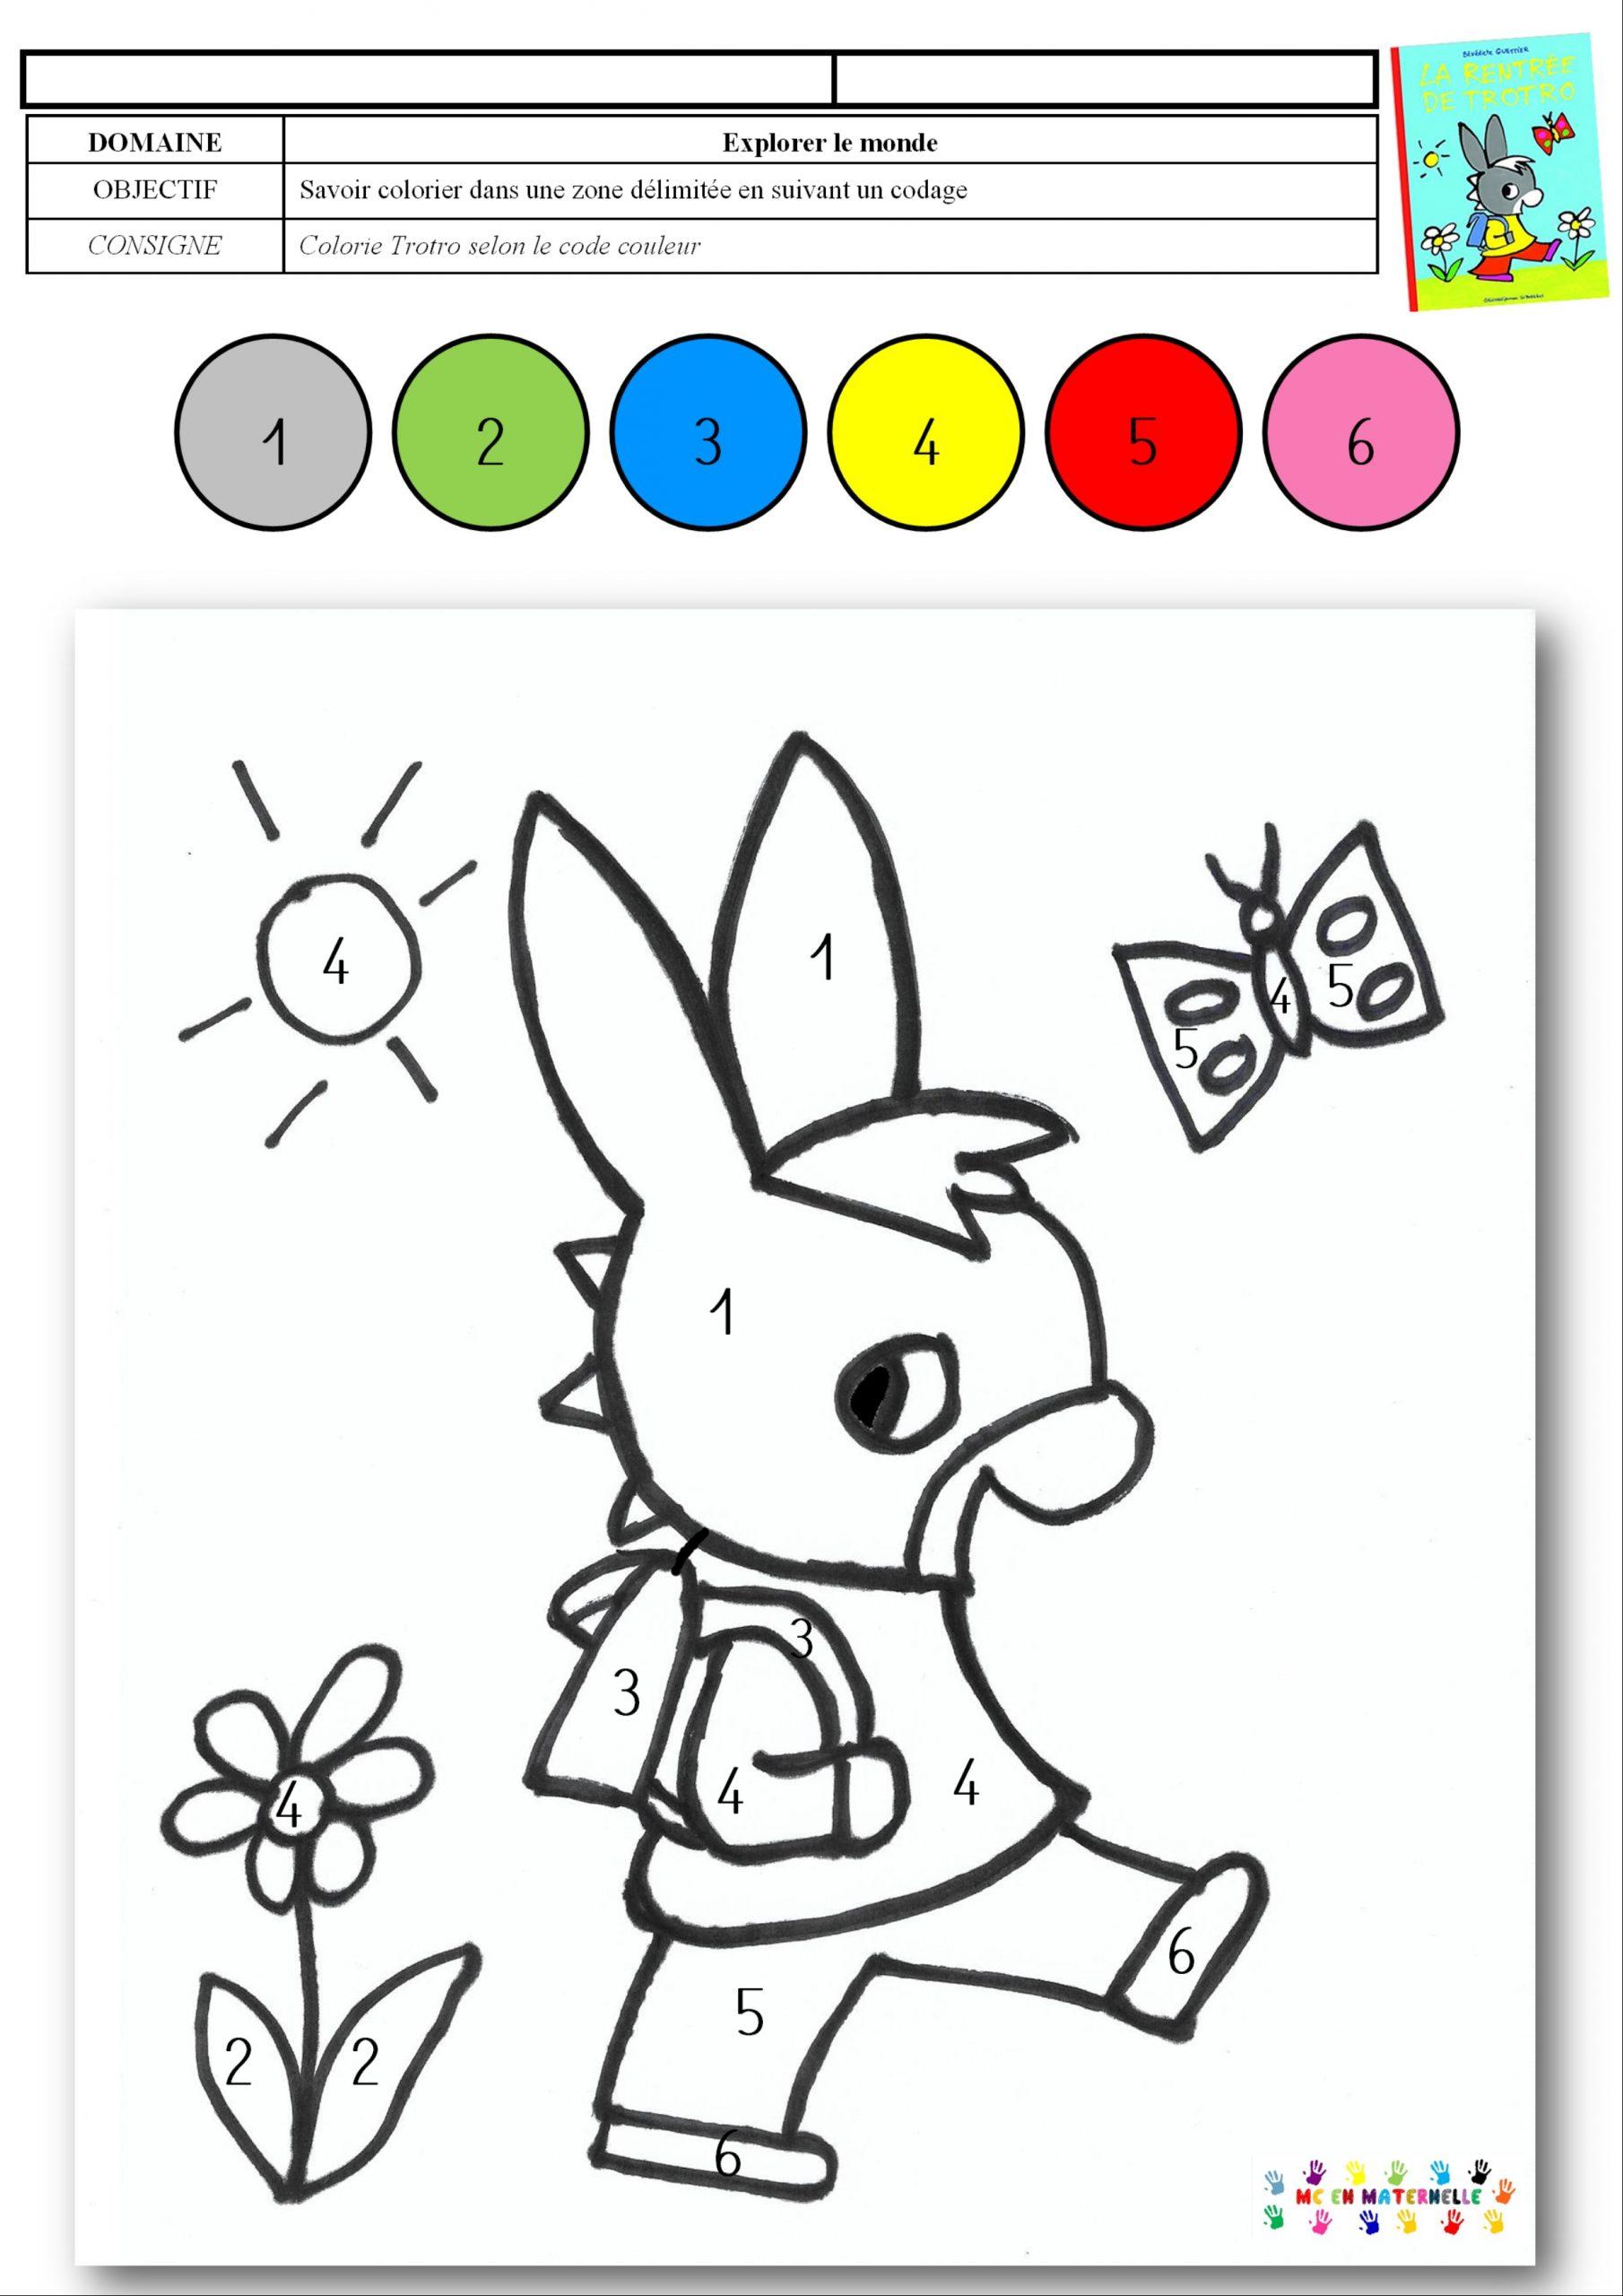 La Rentrée De Trotro : Coloriage Magique – Mc En Maternelle avec Coloriages Codés Gs